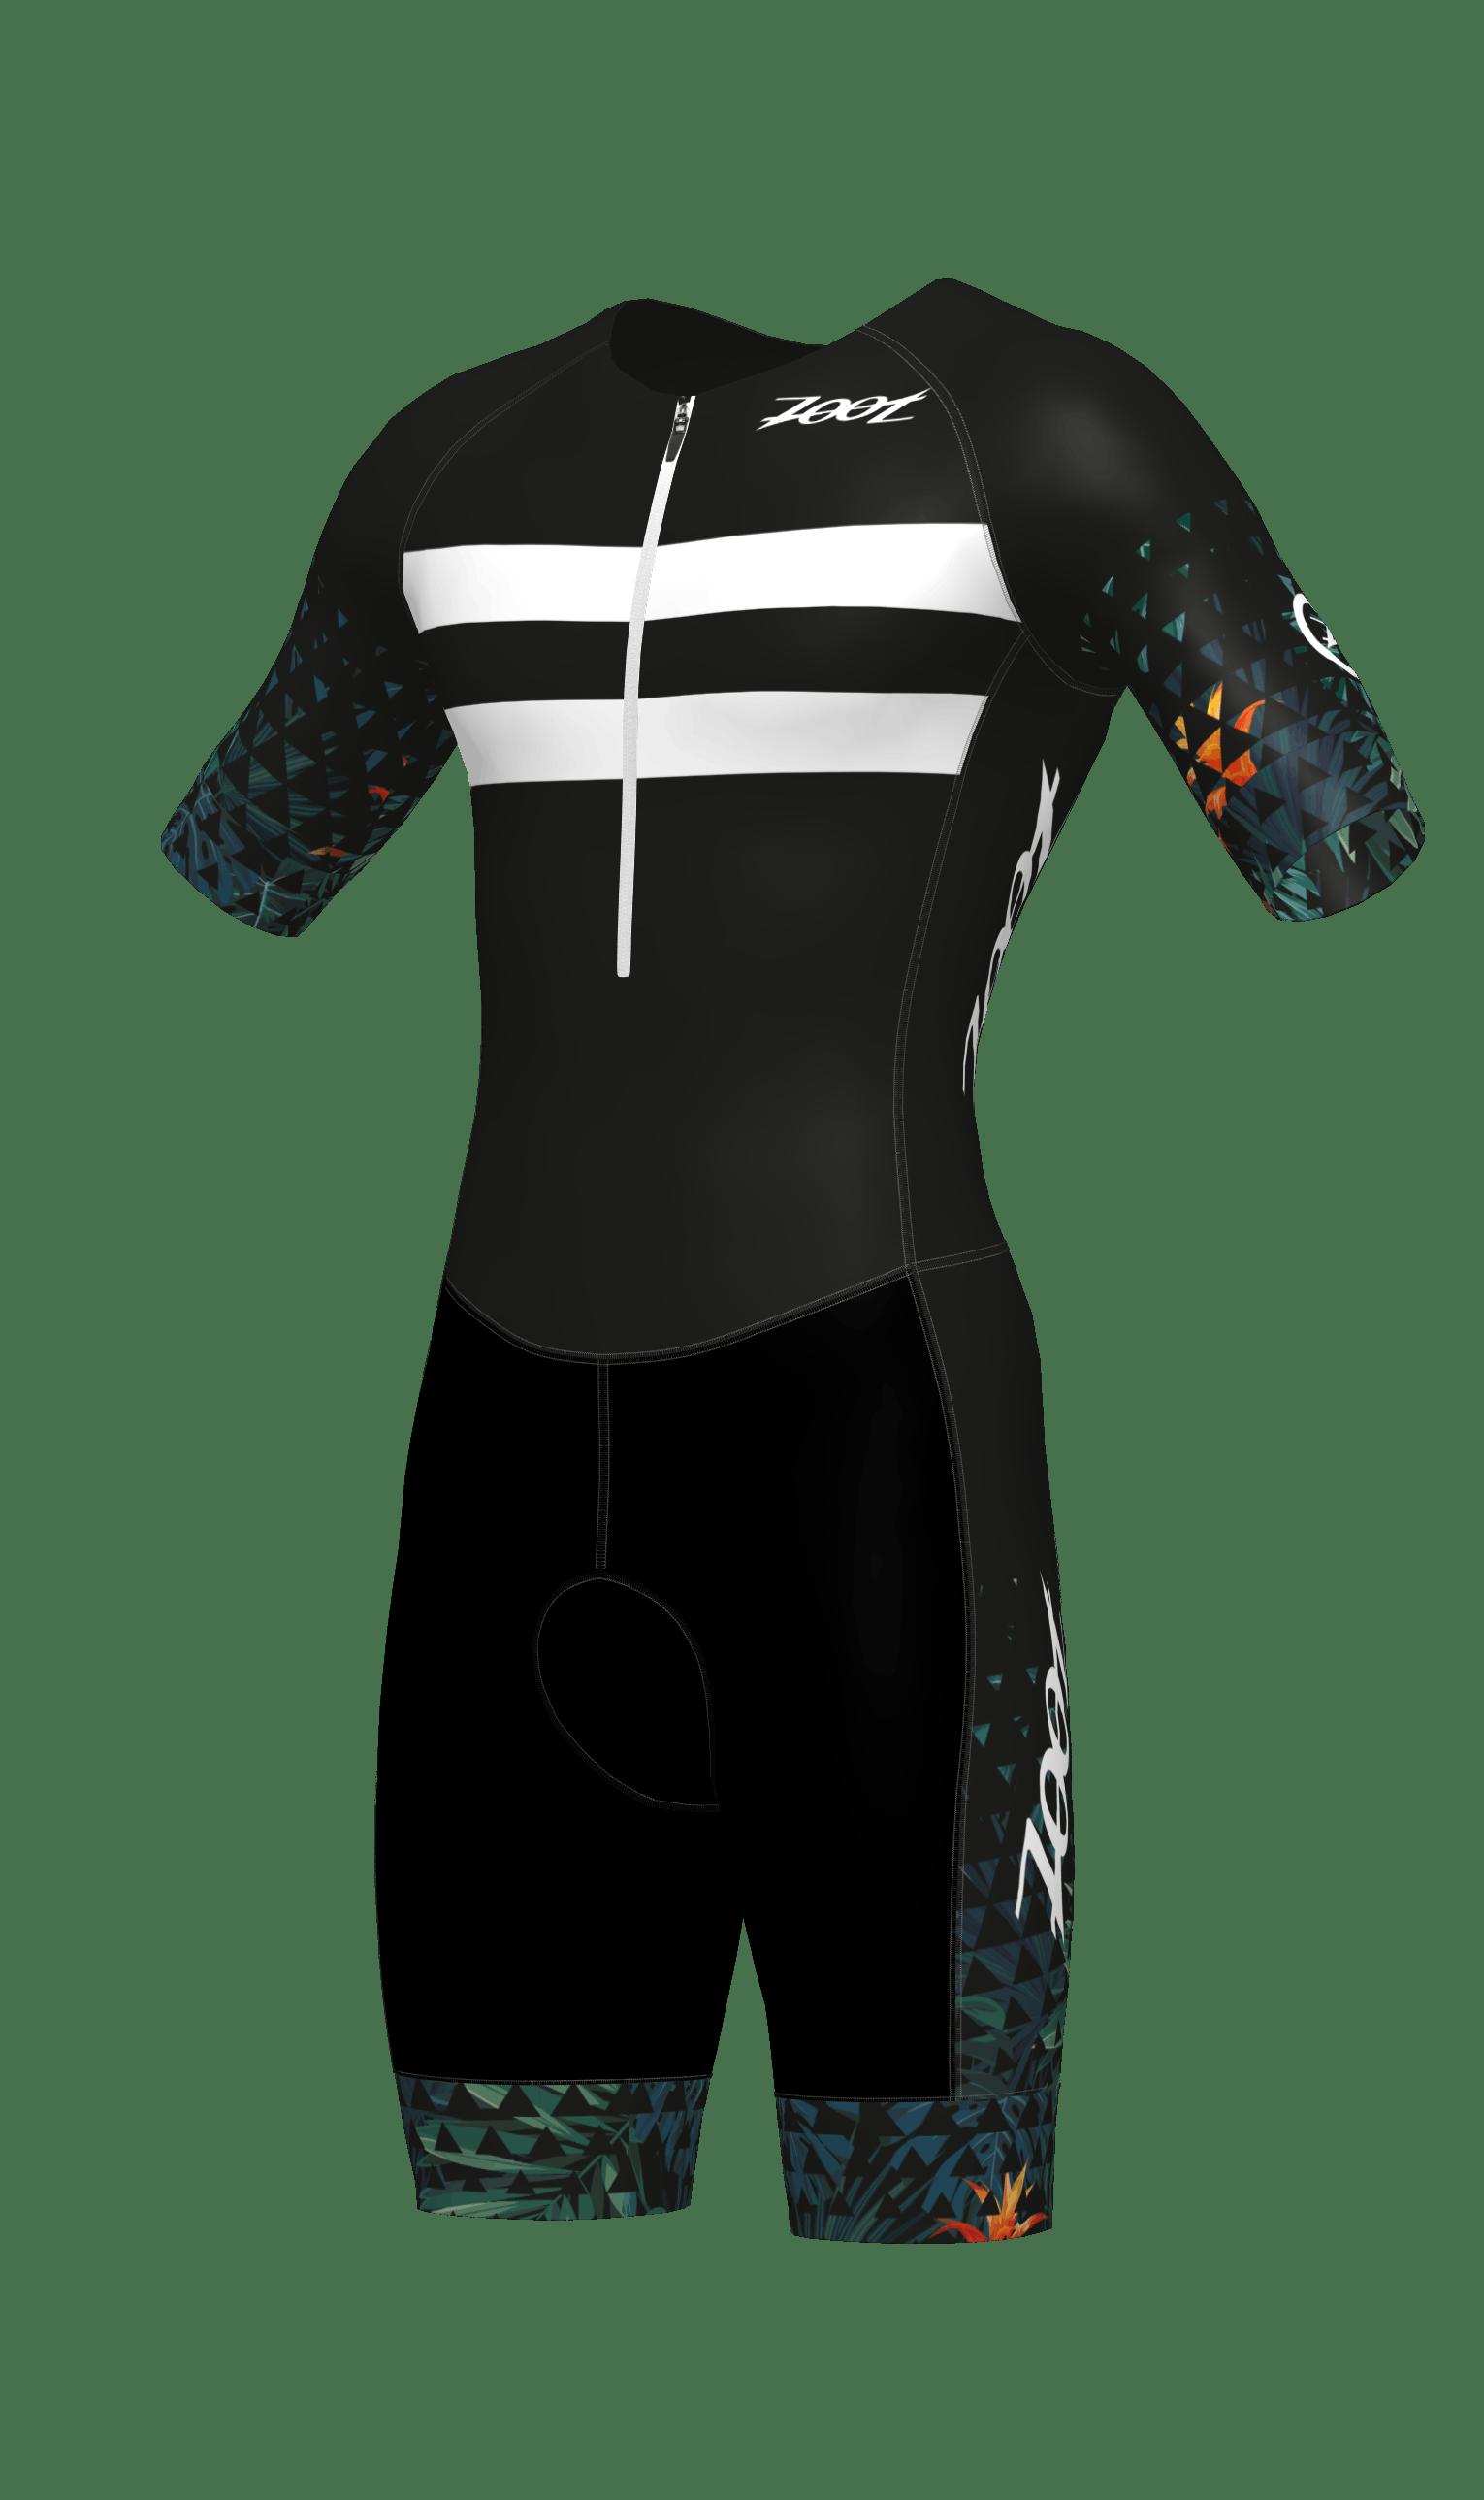 Herren Triathlon Rennanzug mit Ärmeln und Reißverschluss